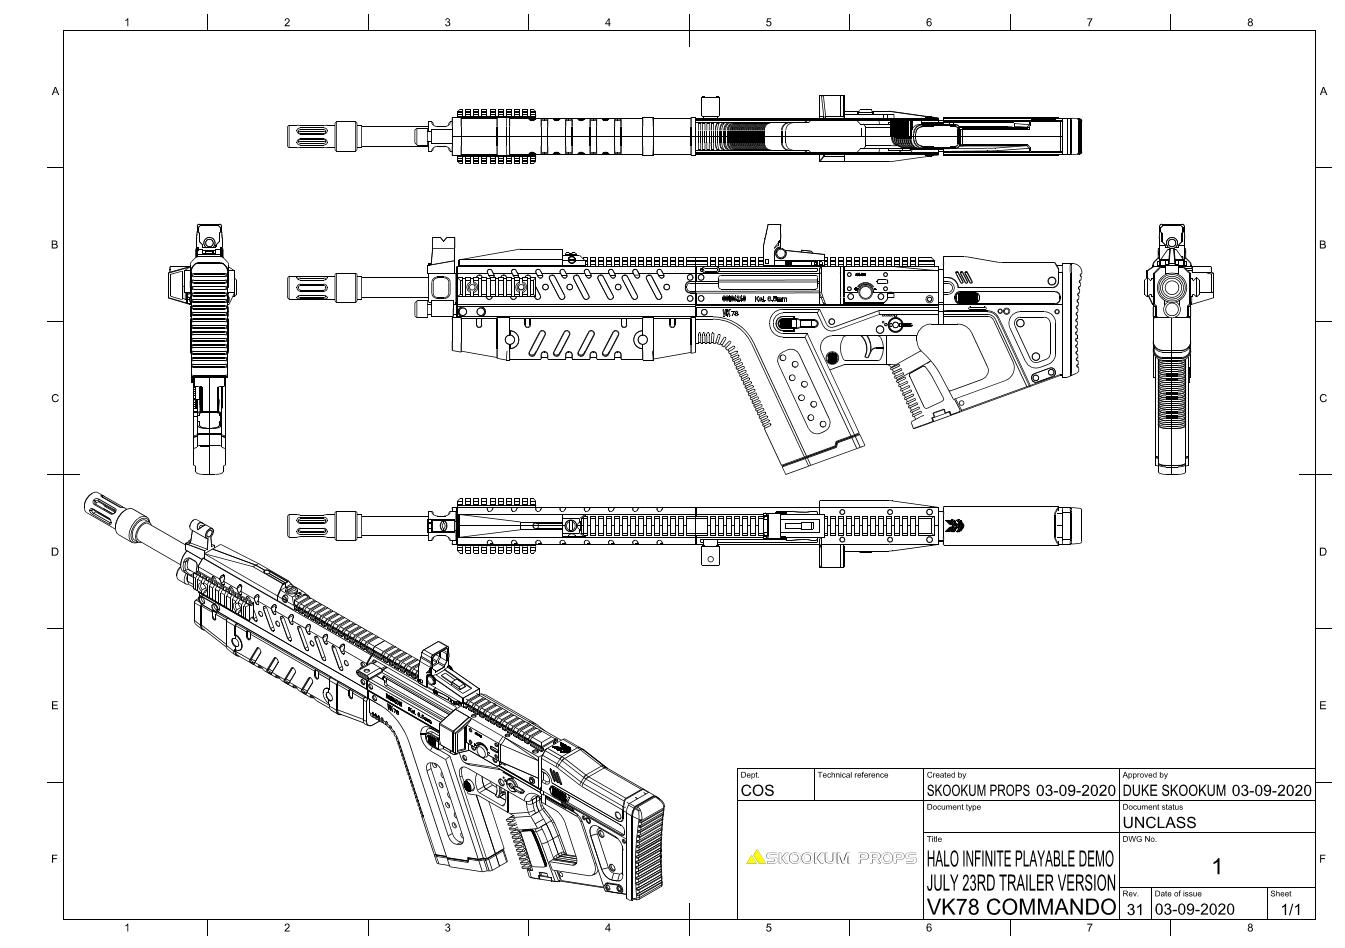 VK78 Commando Drawing.png